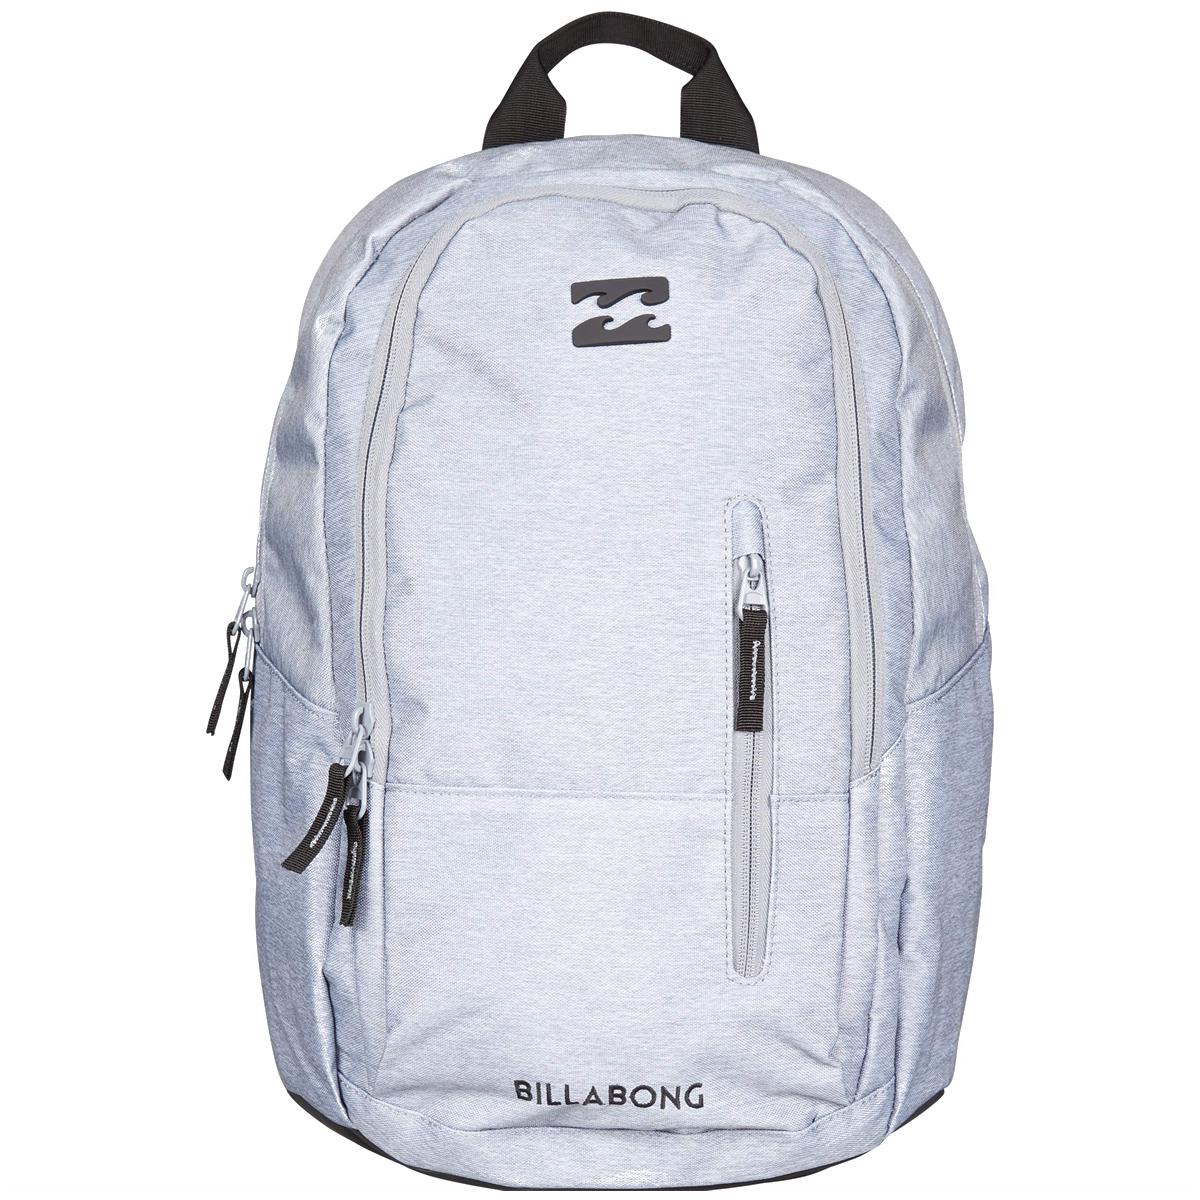 Рюкзак городской Billabong Shadow pack, цвет: светло-серый. 36078693685923607869368592Стильный и удобный рюкзак, компактный и достаточно вместительный. Отделение под ноутбук…